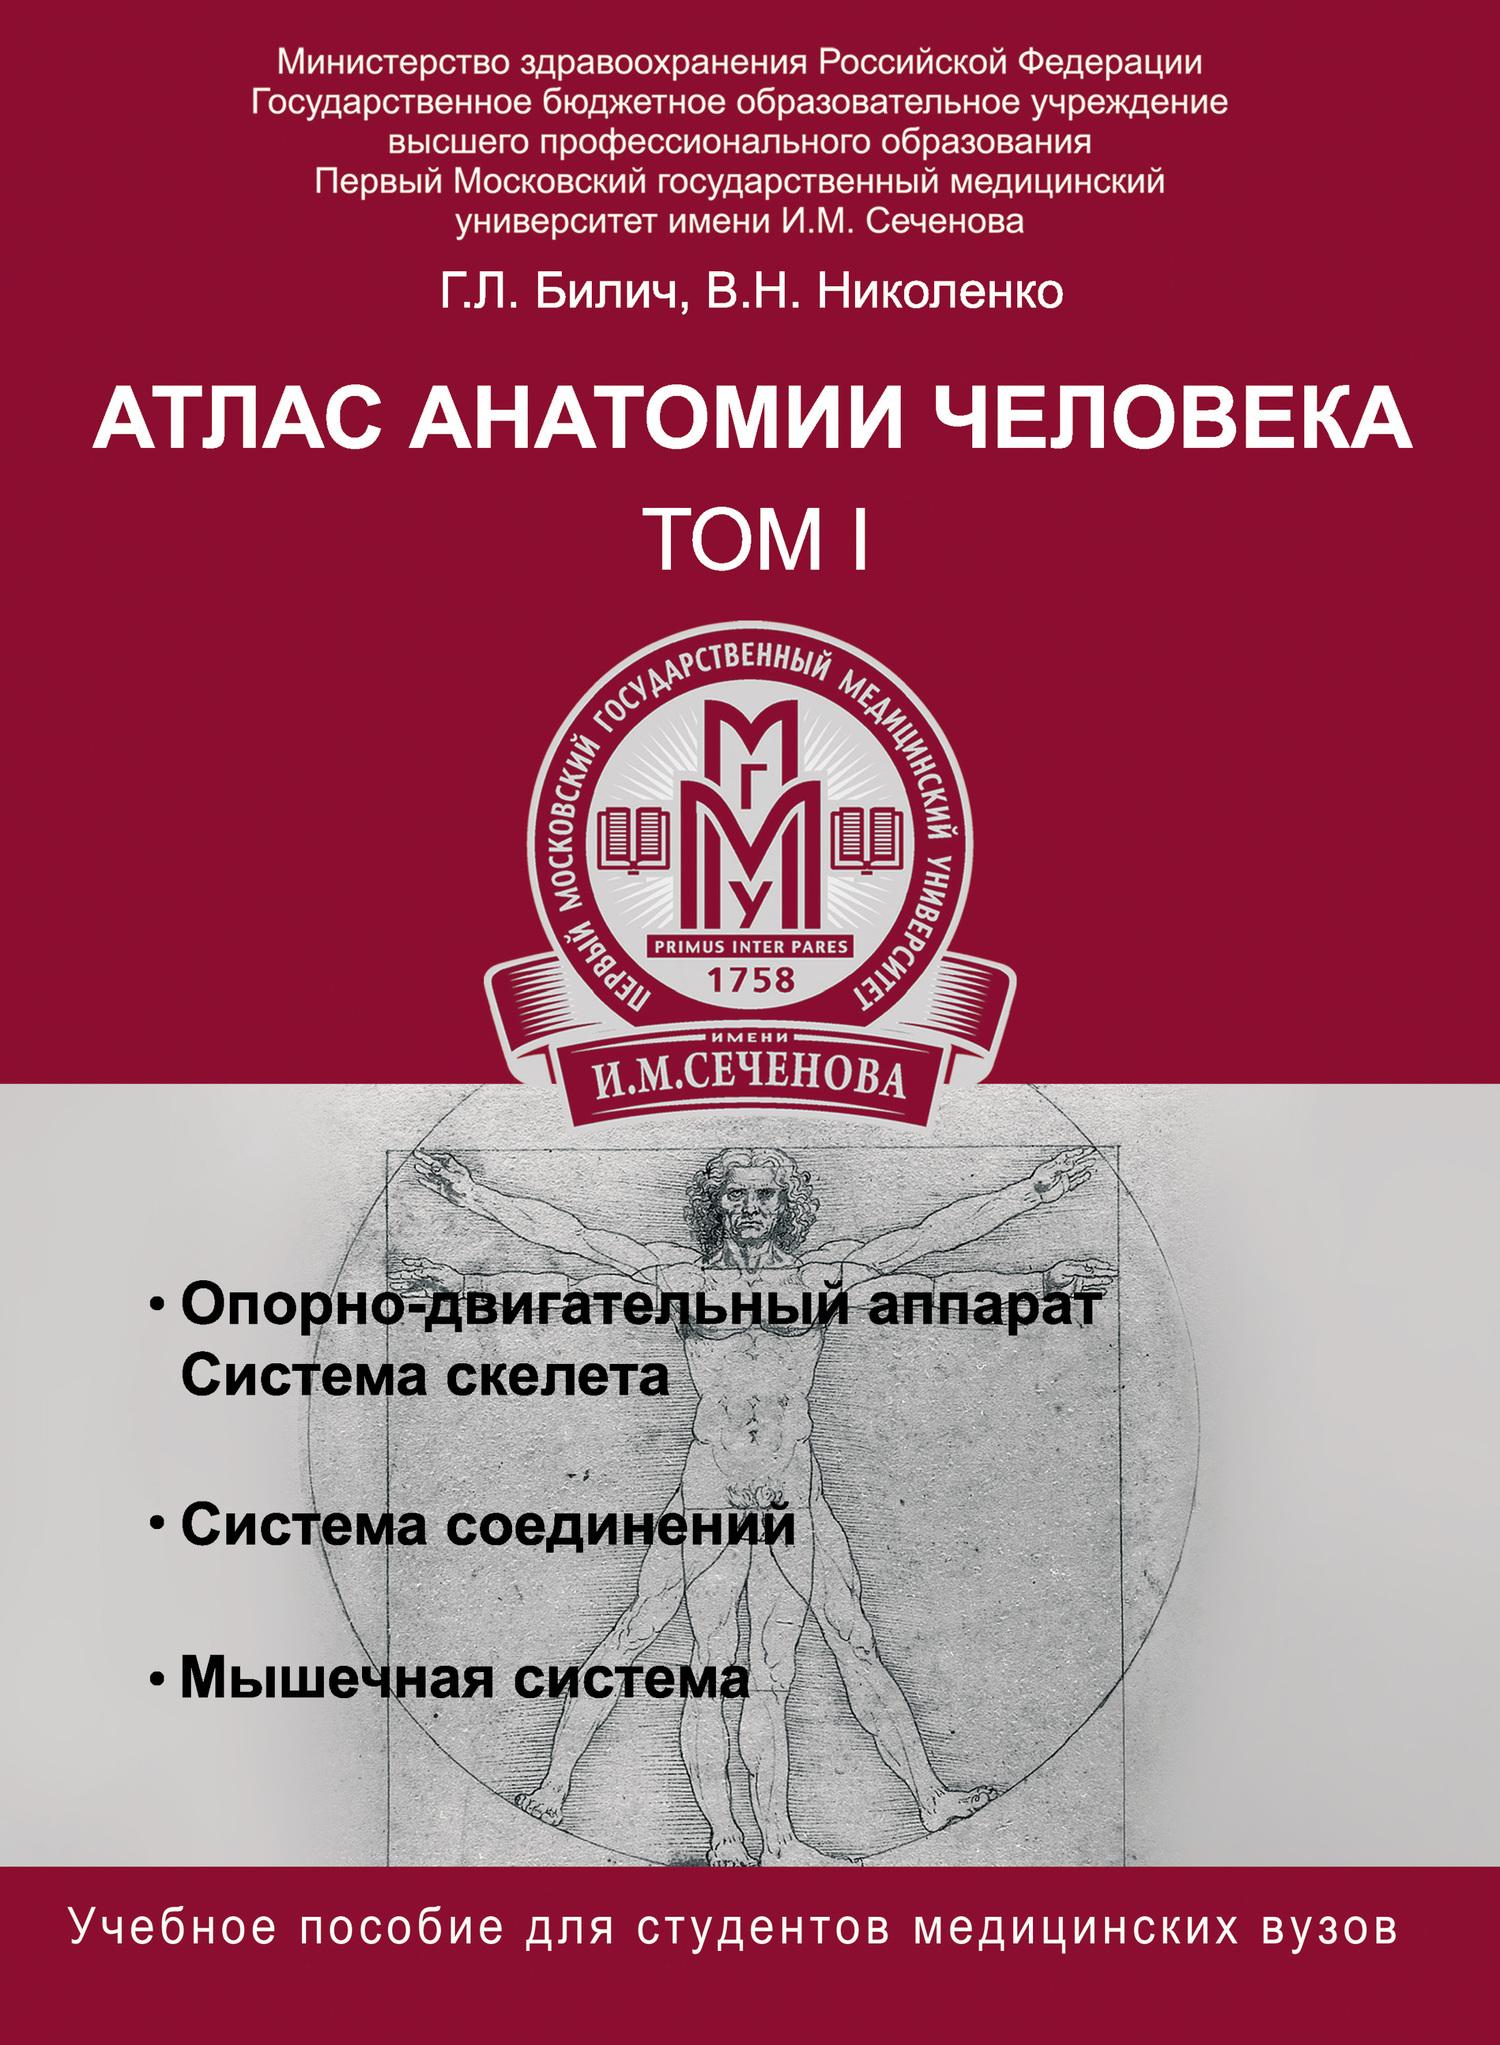 Г. Л. Билич Атлас анатомии человека. Том I шилкин в филимонов в анатомия по пирогову атлас анатомии человека том 1 верхняя конечность нижняя конечность cd